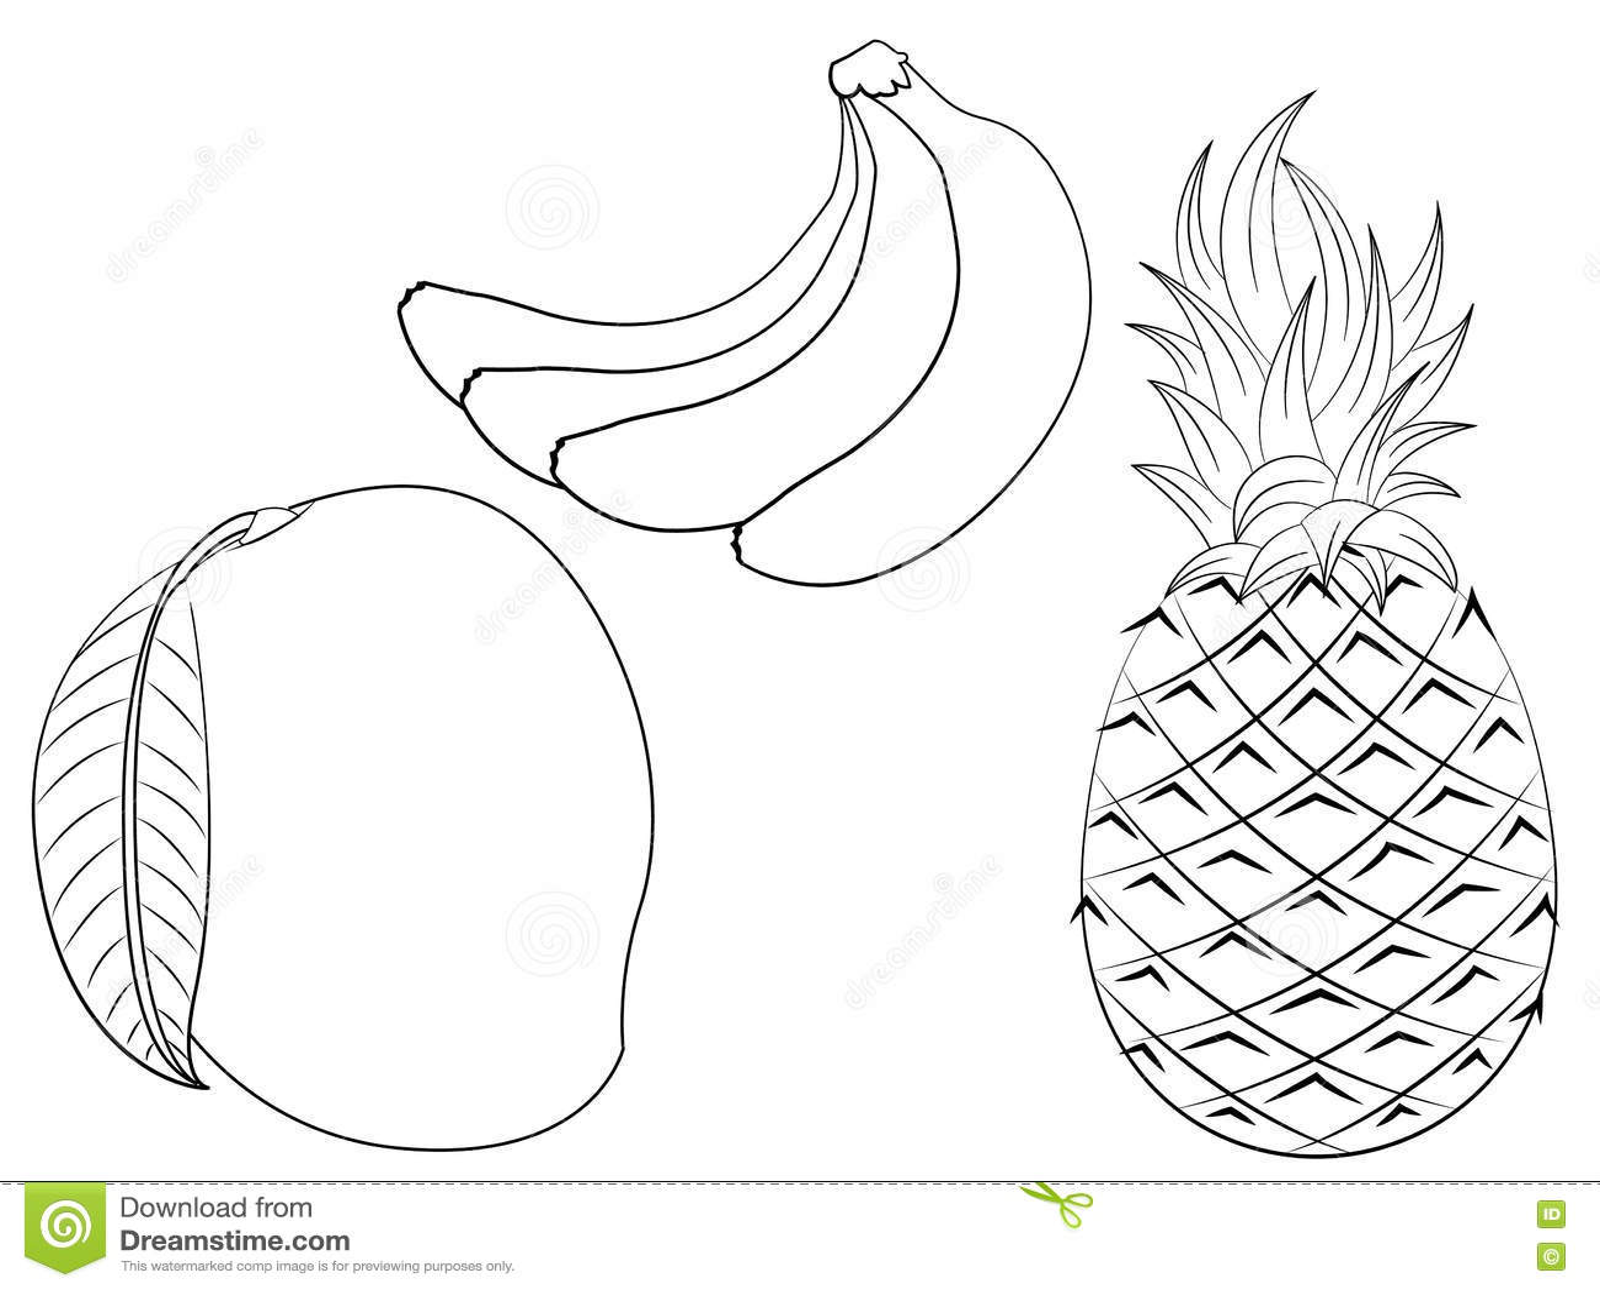 Printable Banana Coloring Page Free PDF Download At